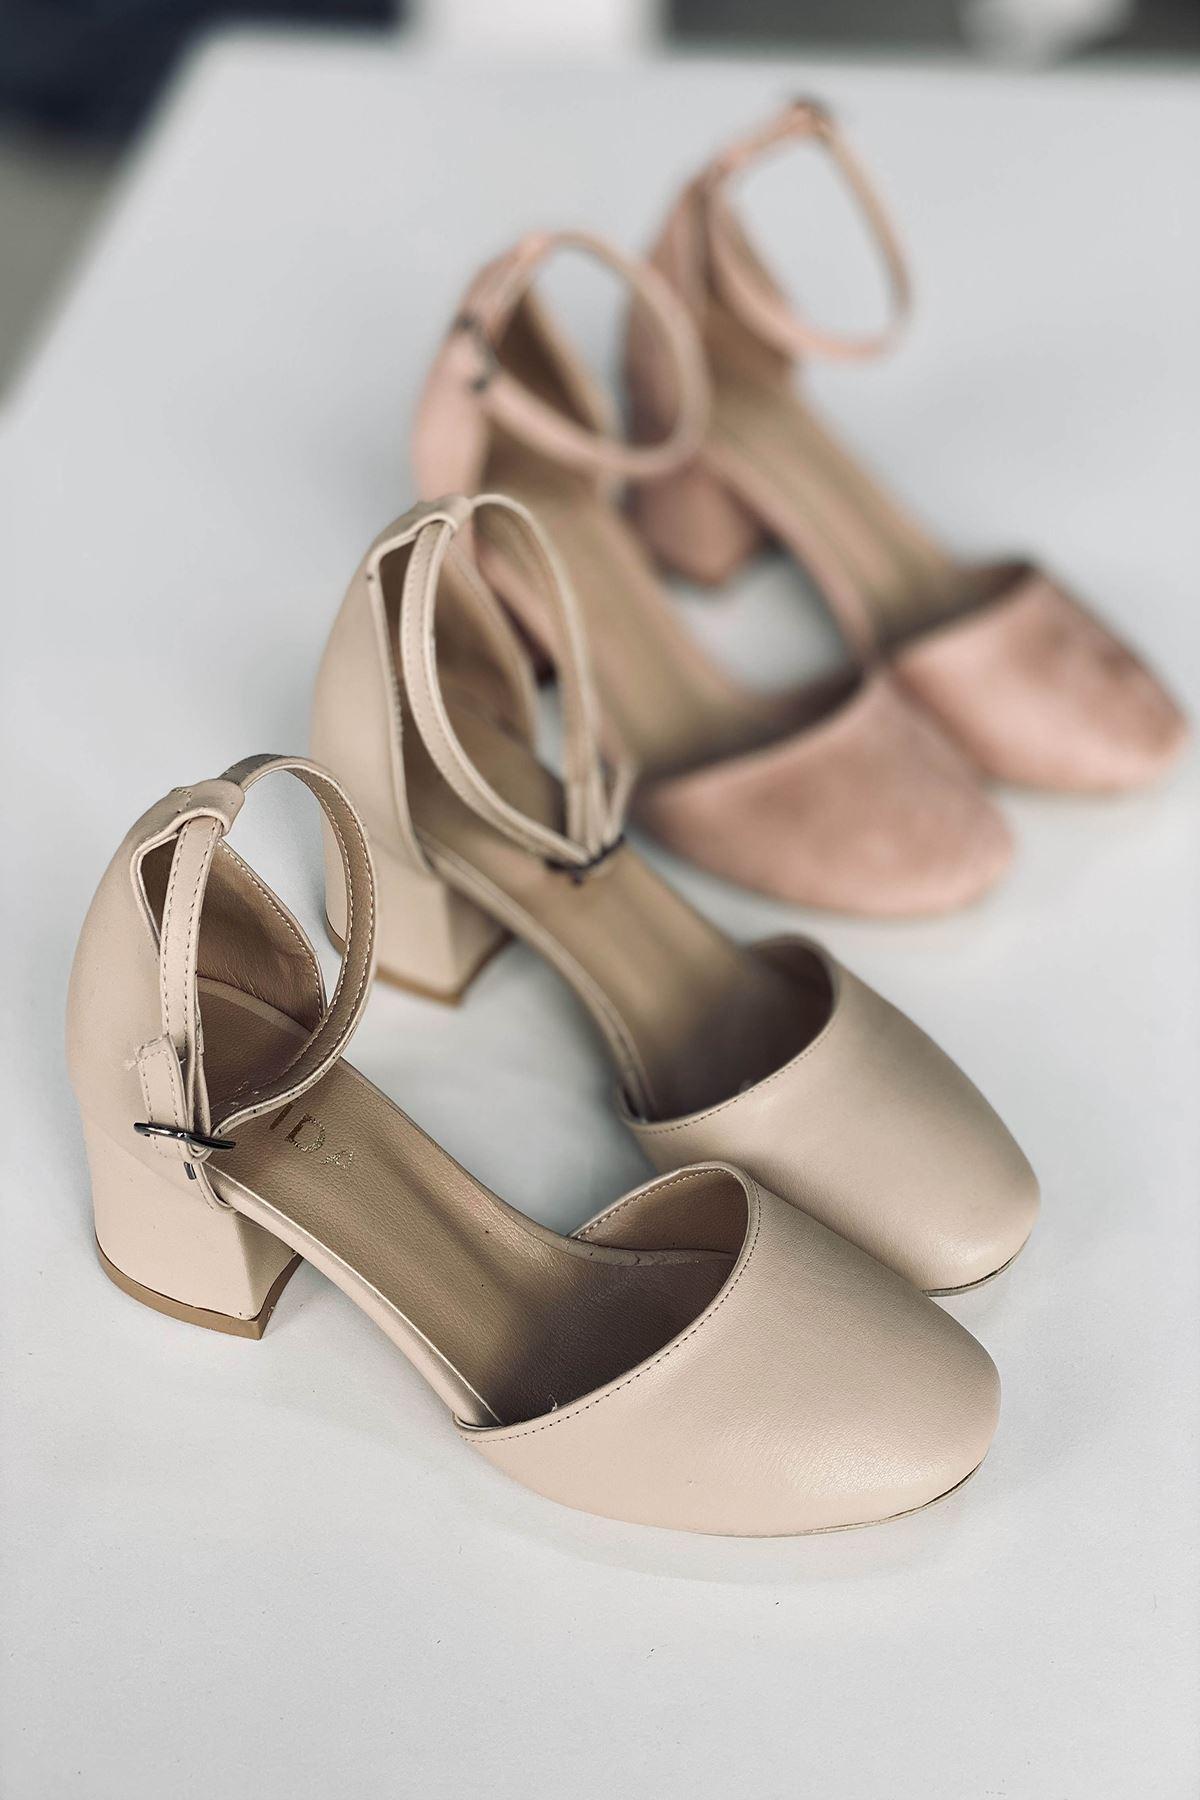 Y202 Ten Deri Topuklu Ayakkabı